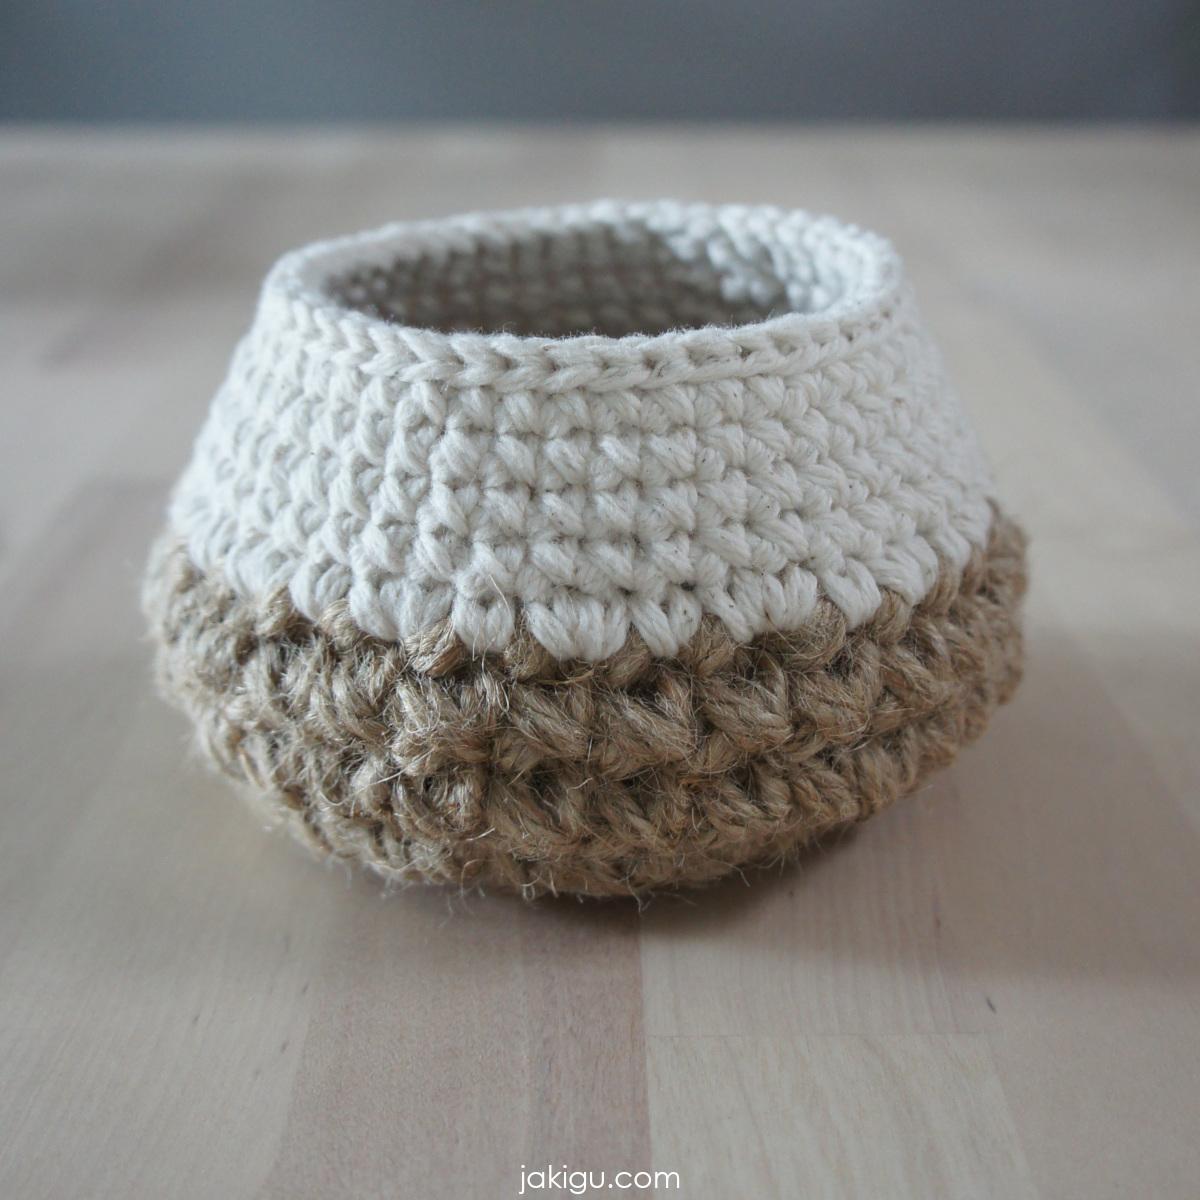 Tiny Jute and Cotton Basket | | jakigu.com crochet pattern